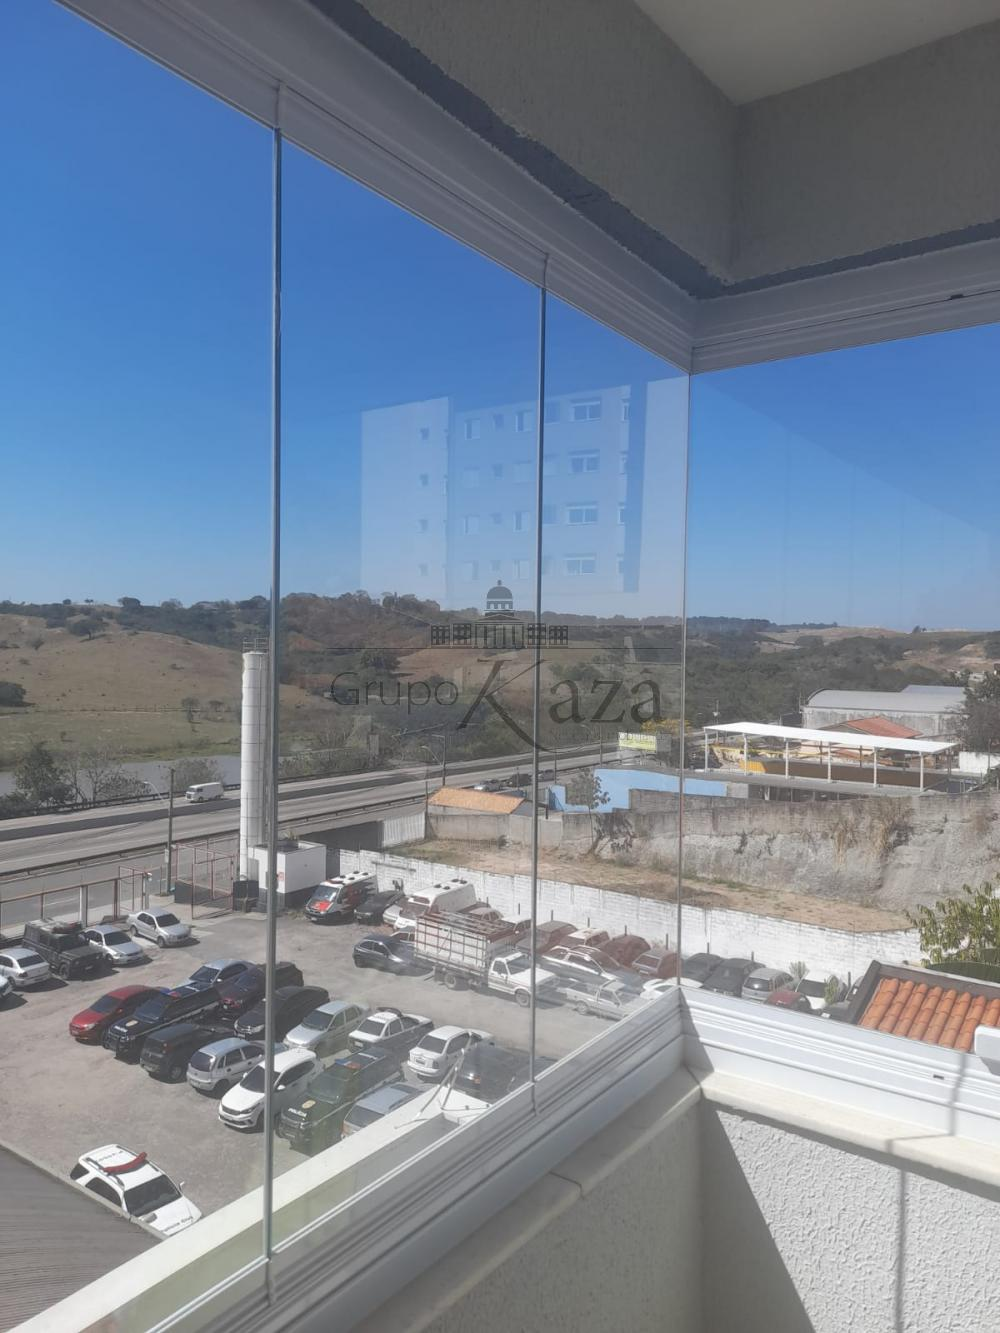 alt='Comprar Apartamento / Padrão em São José dos Campos R$ 352.000,00 - Foto 5' title='Comprar Apartamento / Padrão em São José dos Campos R$ 352.000,00 - Foto 5'